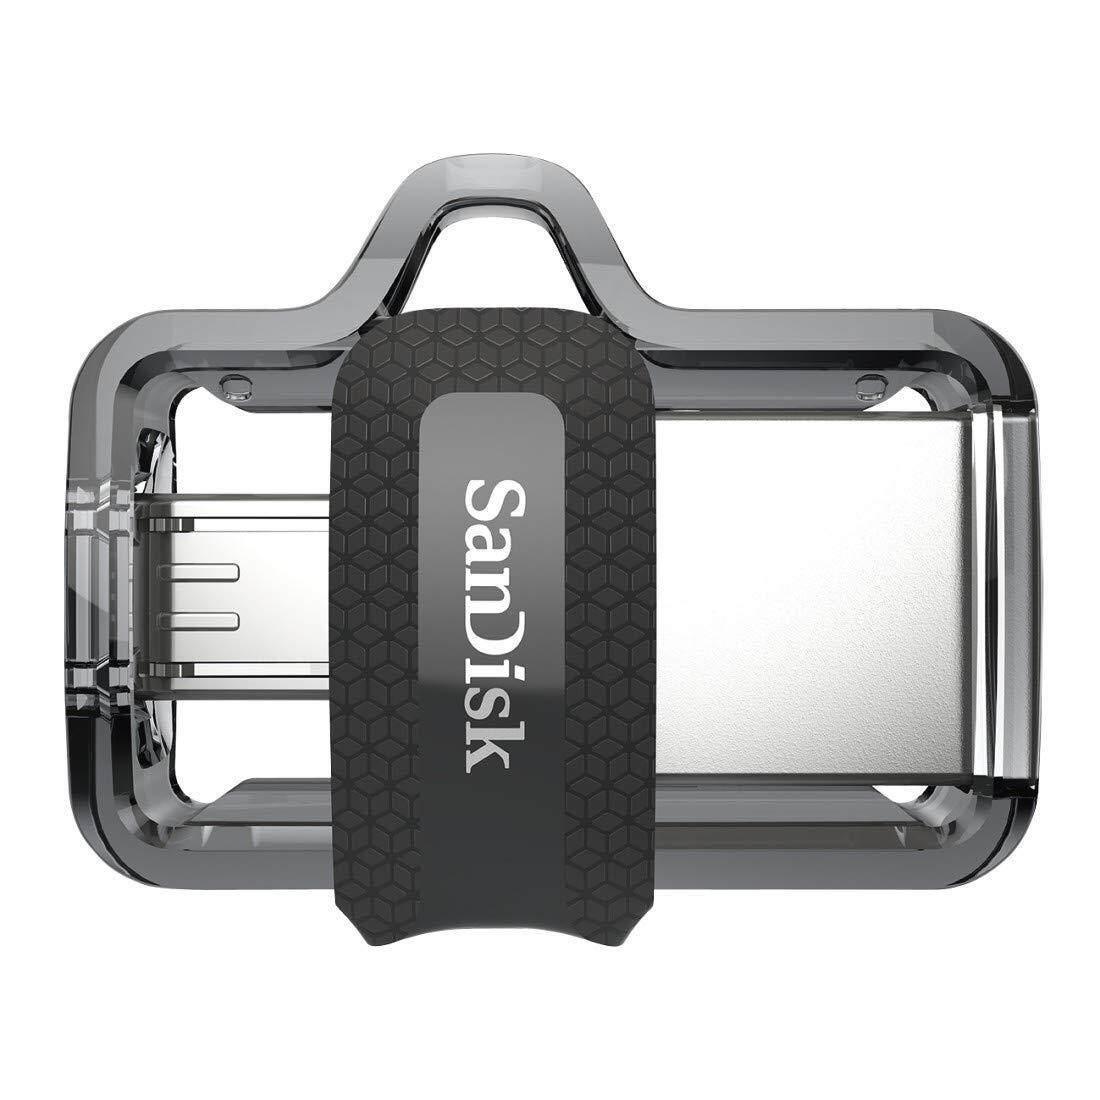 Giá Thẻ Nhớ sandisk_ _ Ultra 32 Gb Dual Drive M3.0 Dành Cho Các Thiết Bị android_ Và Máy Tính Otg (Sddd3-032G)